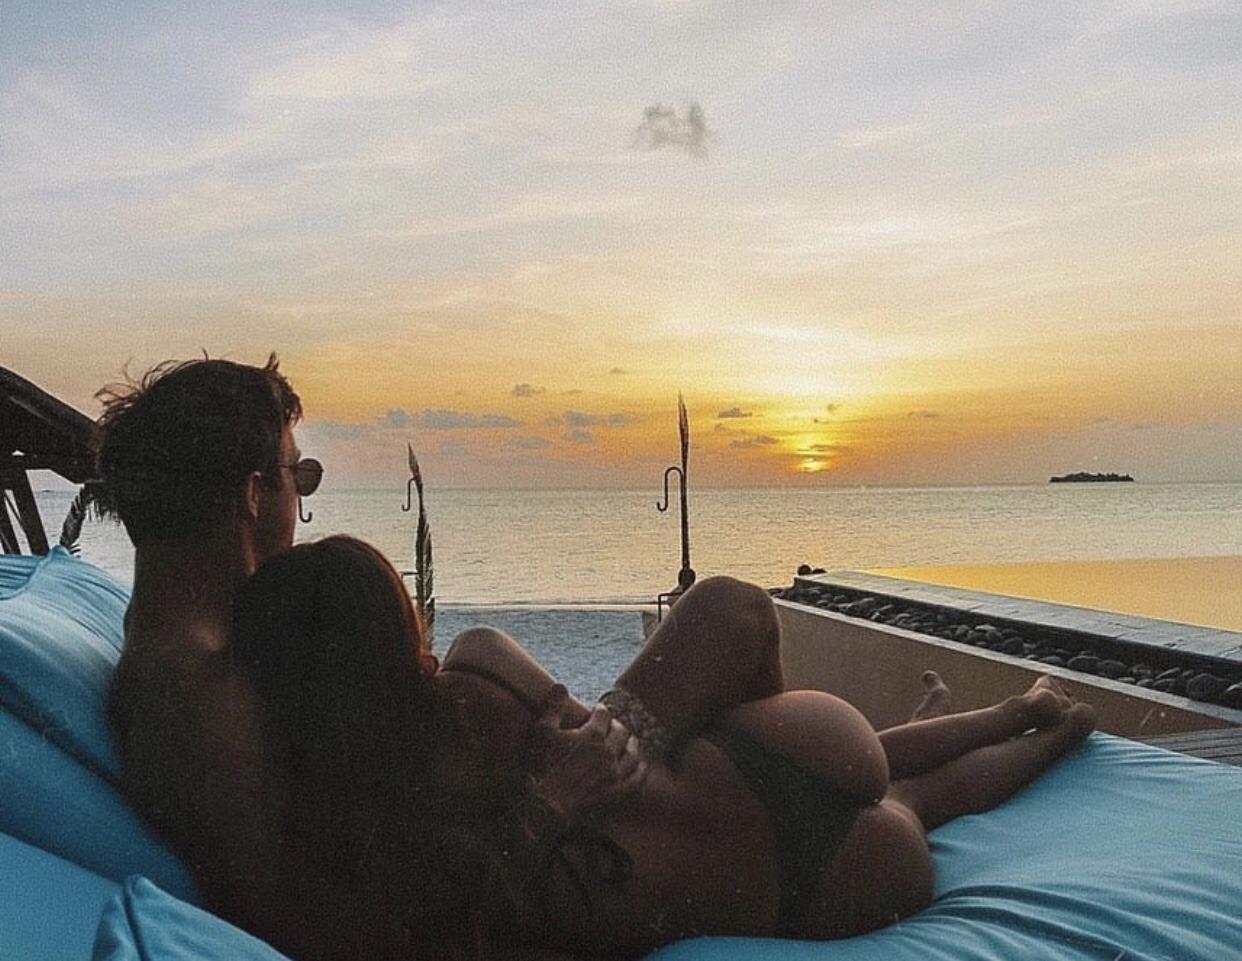 cặp đôi ôm nhau đón bình minh trên biển.